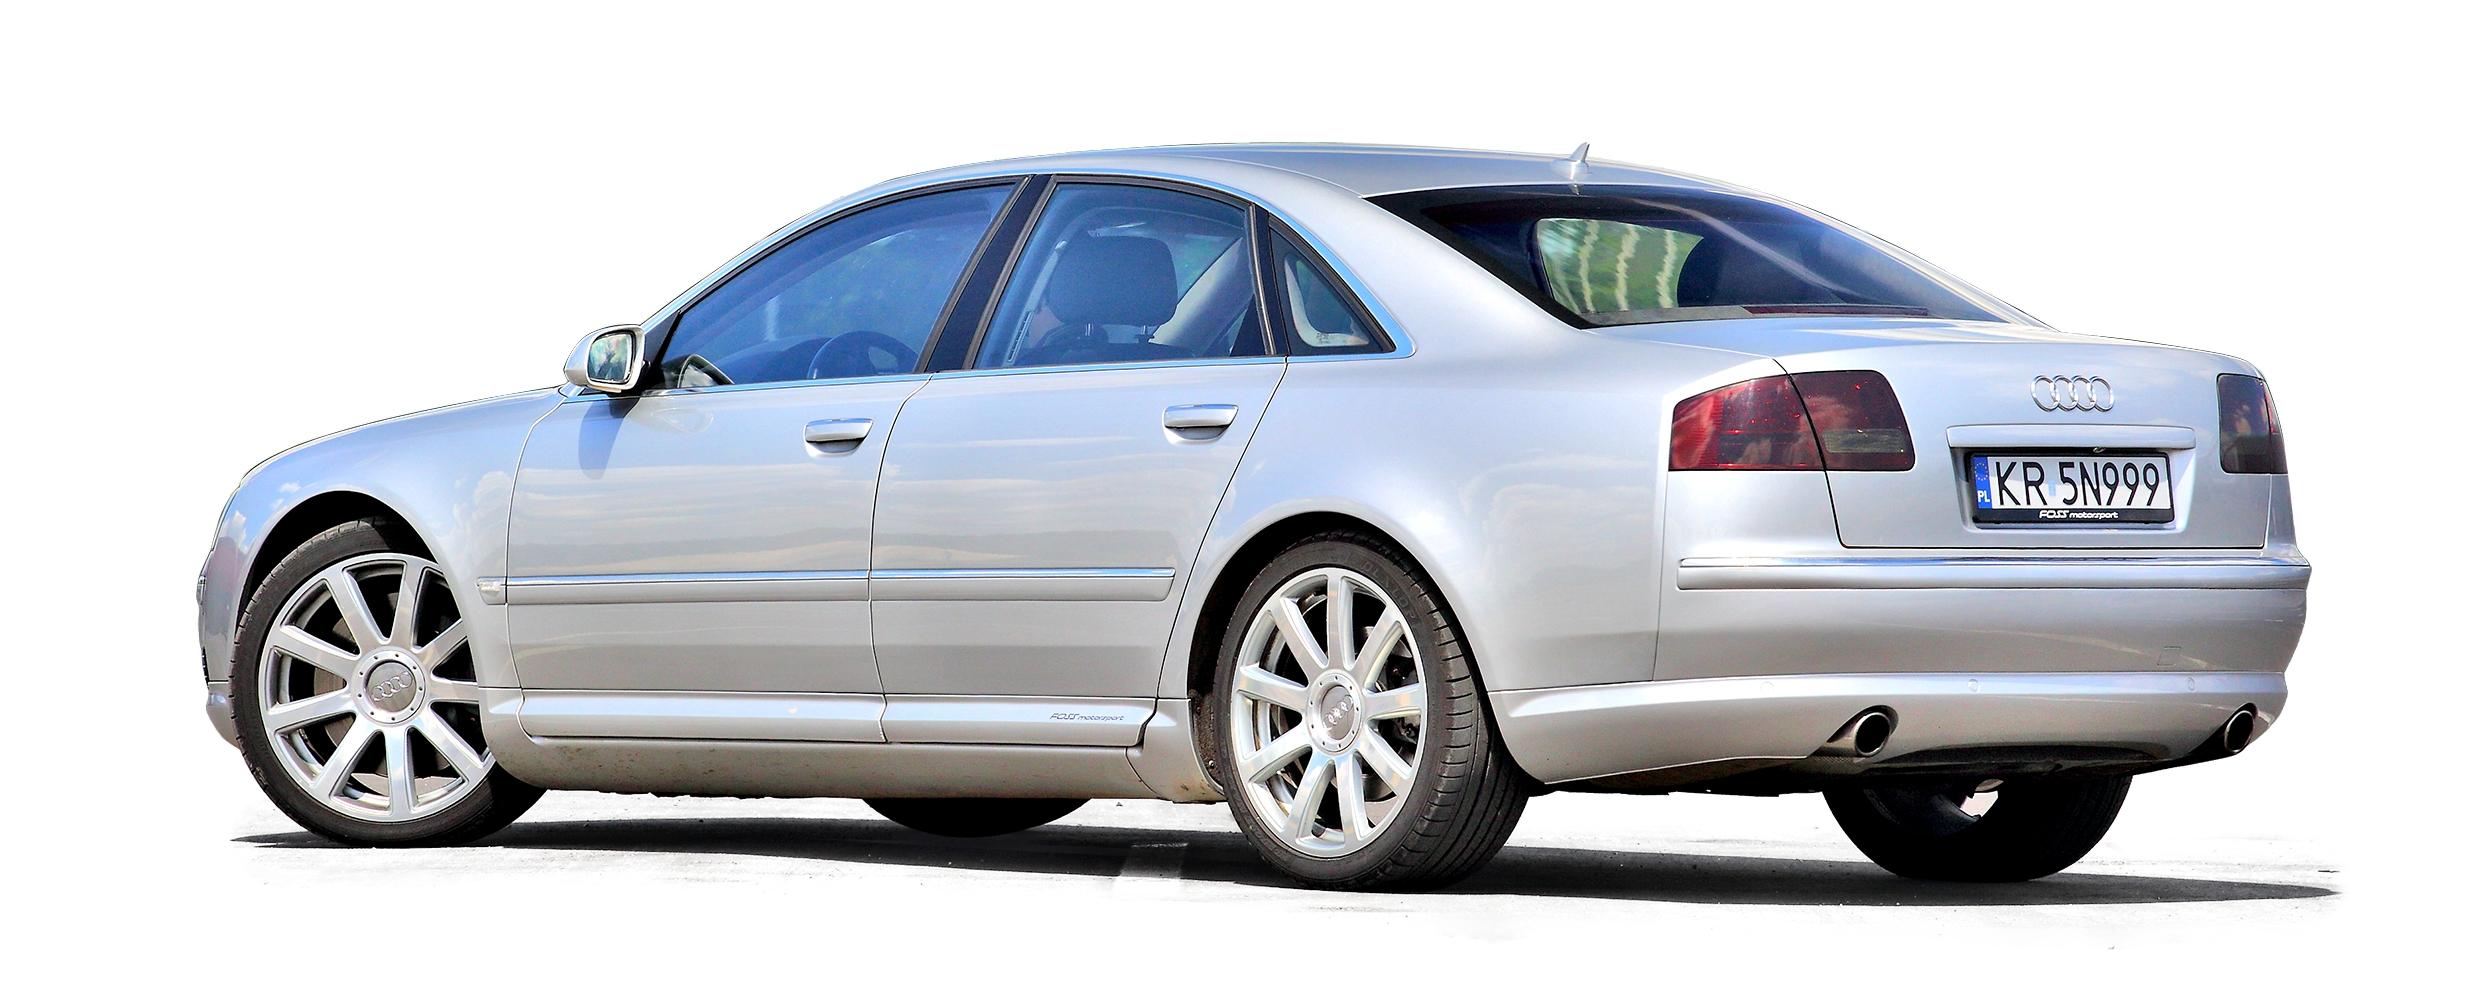 Audi-A8-D3_2